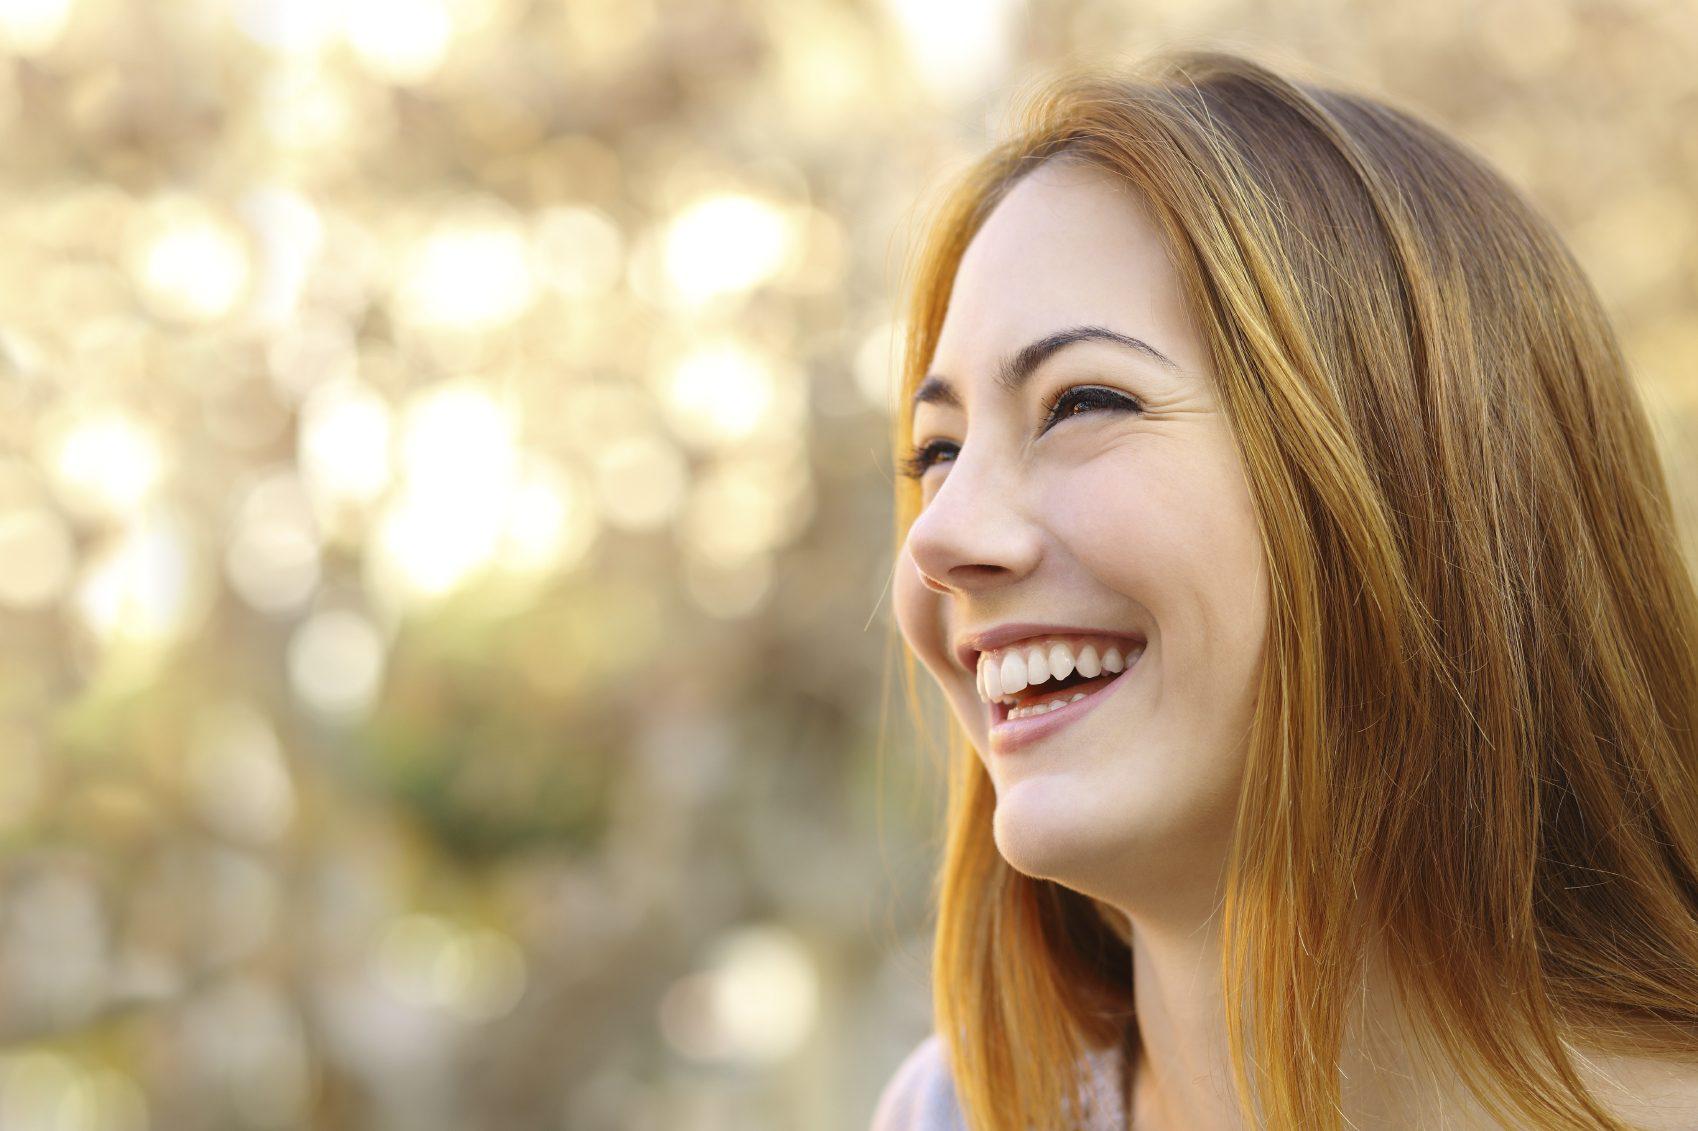 El ortodoncista en boadilla del monte explica los 6 beneficios de invisalign. La Clínica Dental Infante Don Luis (Dentalarroque) ayuda a corregir la posición de los dientes con la ortodoncia invisible. Nunca es tarde para mejorar la estetica dental y salud bucal.